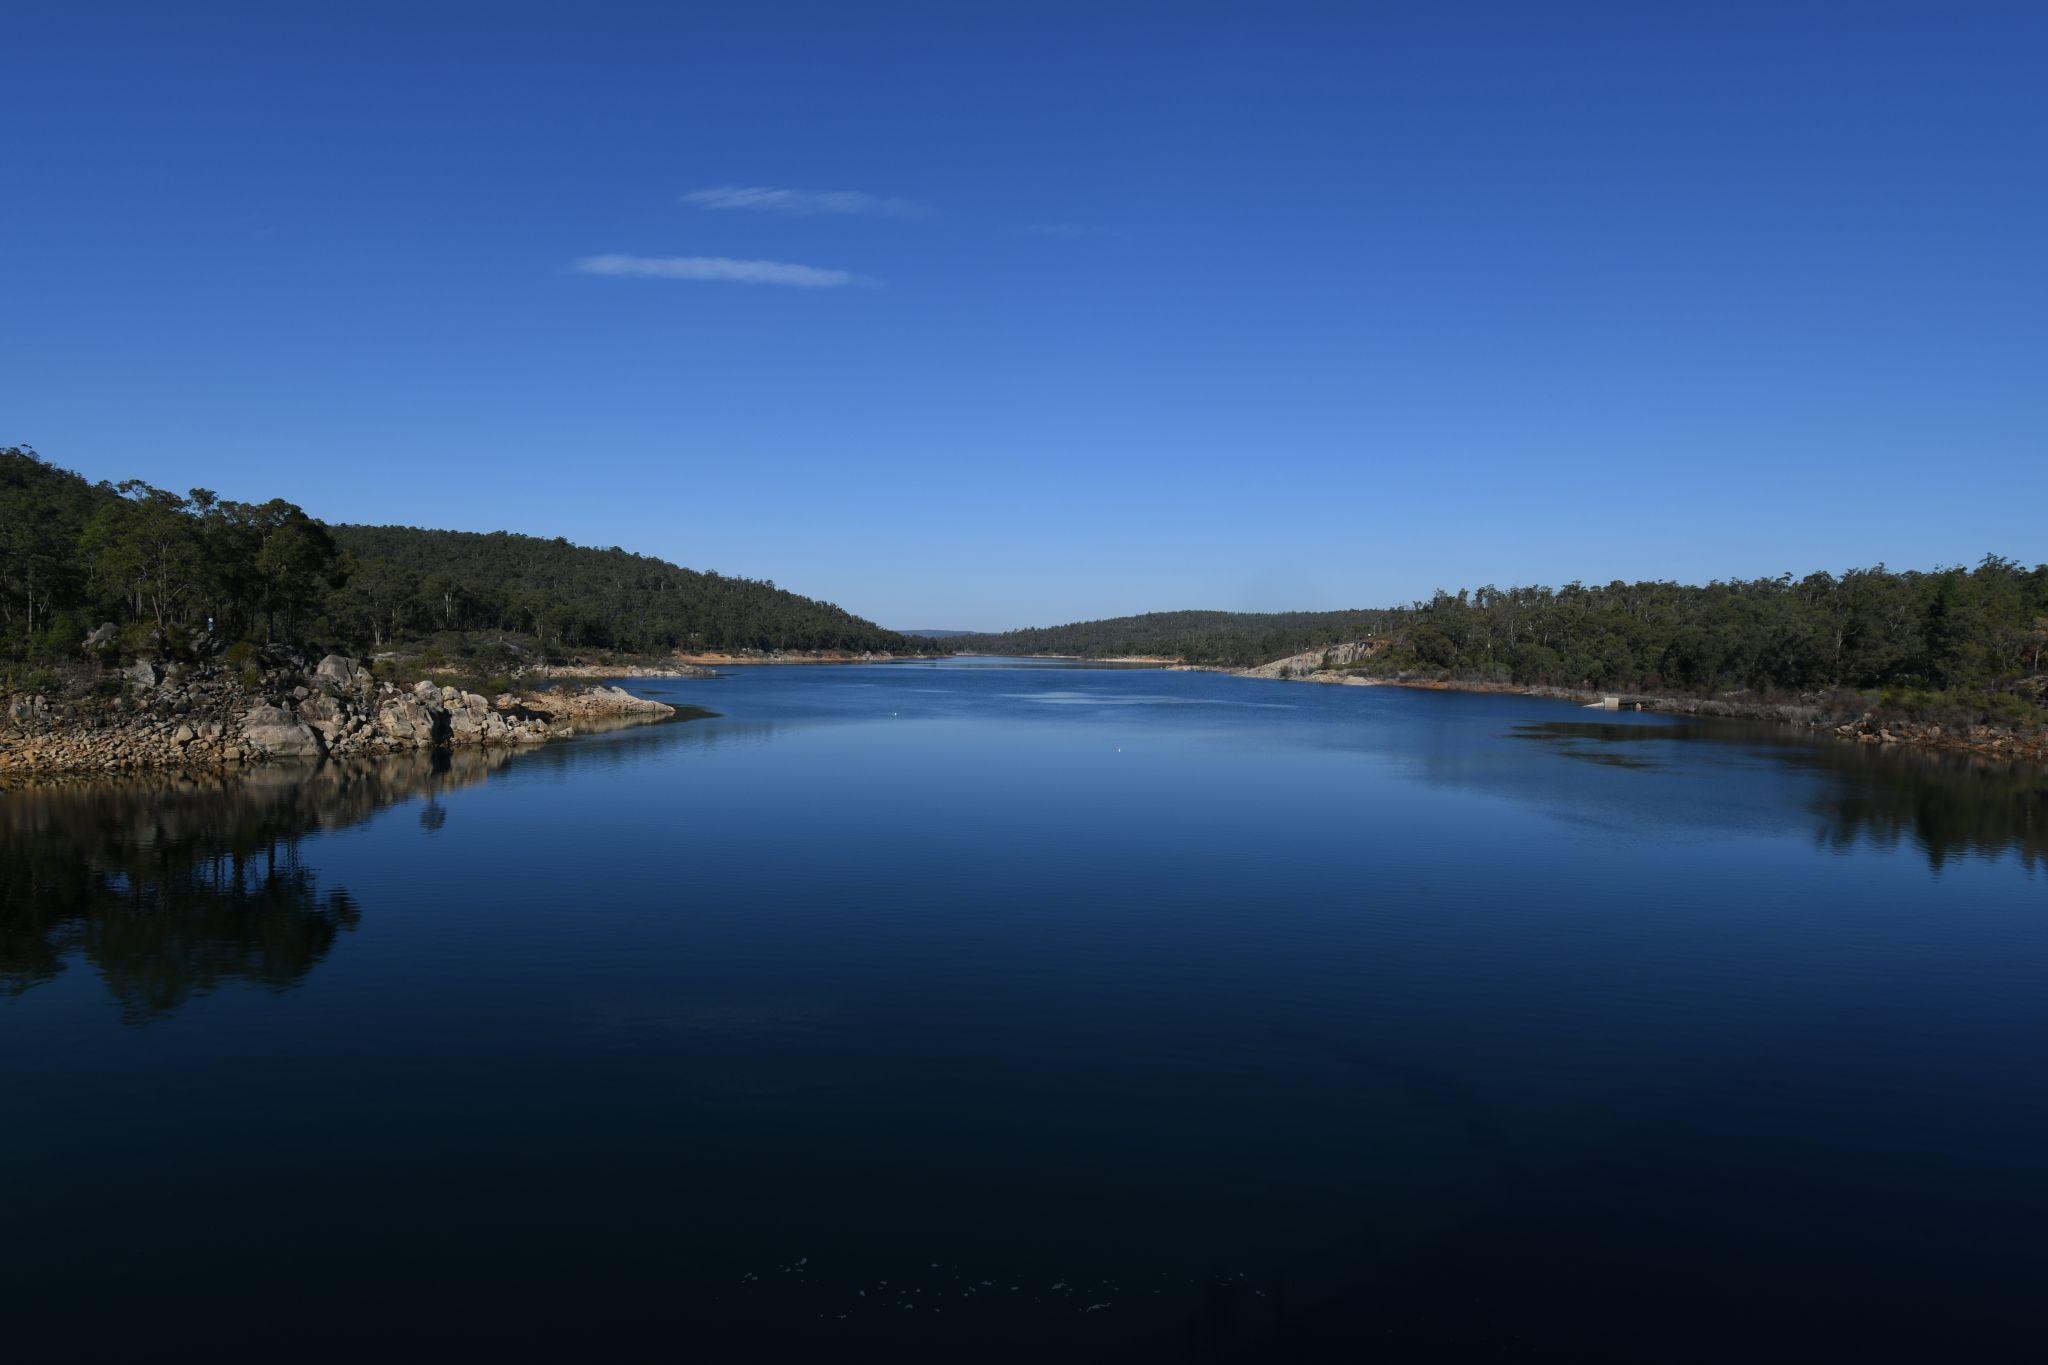 O'Connor Lake Perth WA, Australia